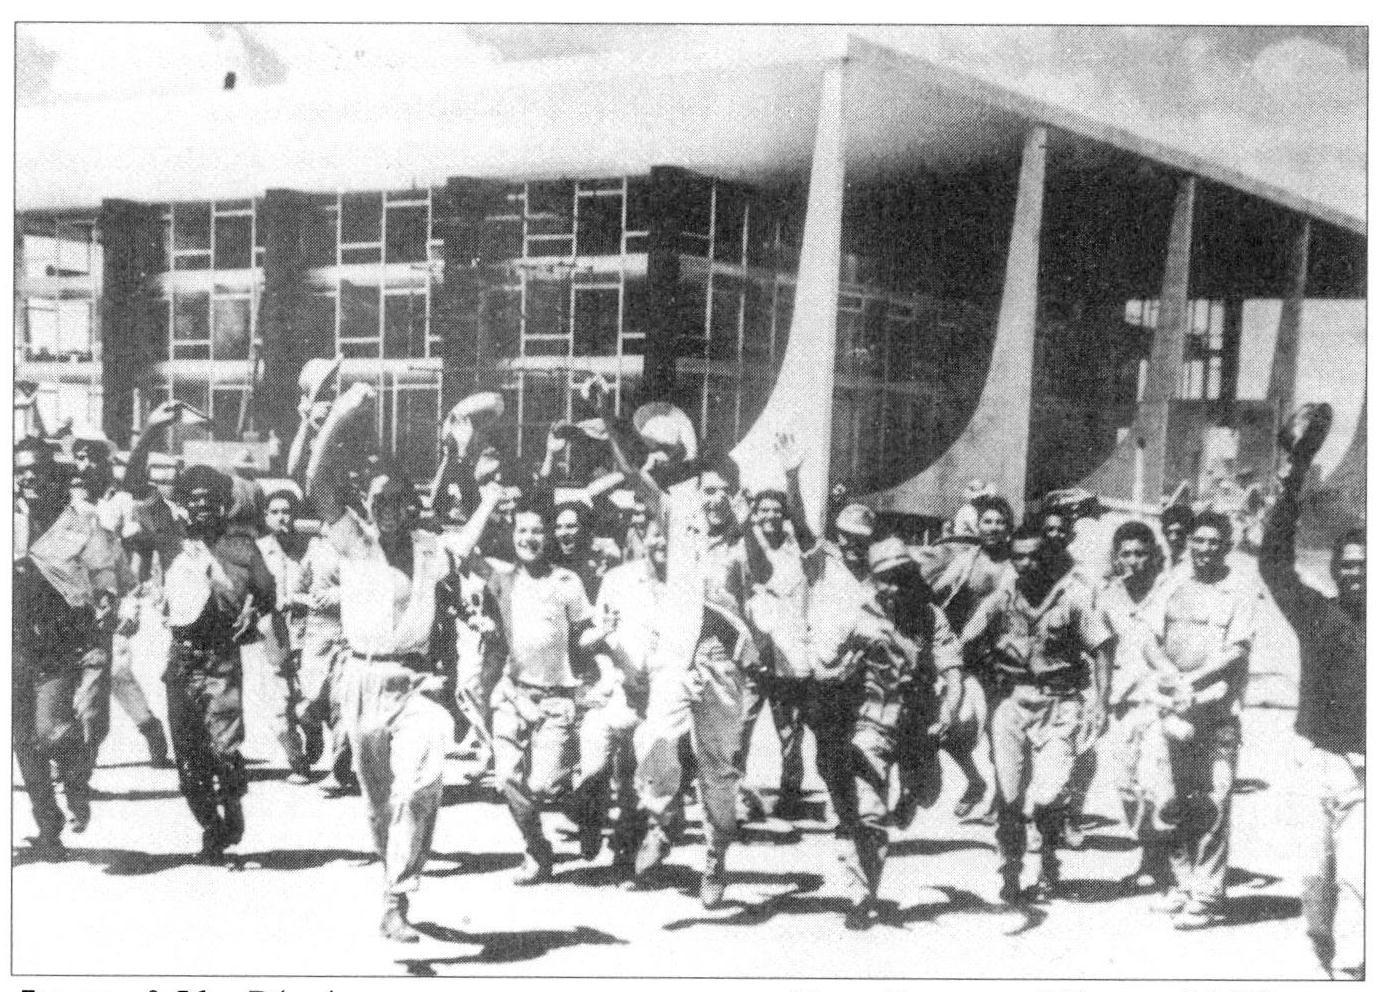 Vitesse datant de Brasilia rencontres compréhension de lecture